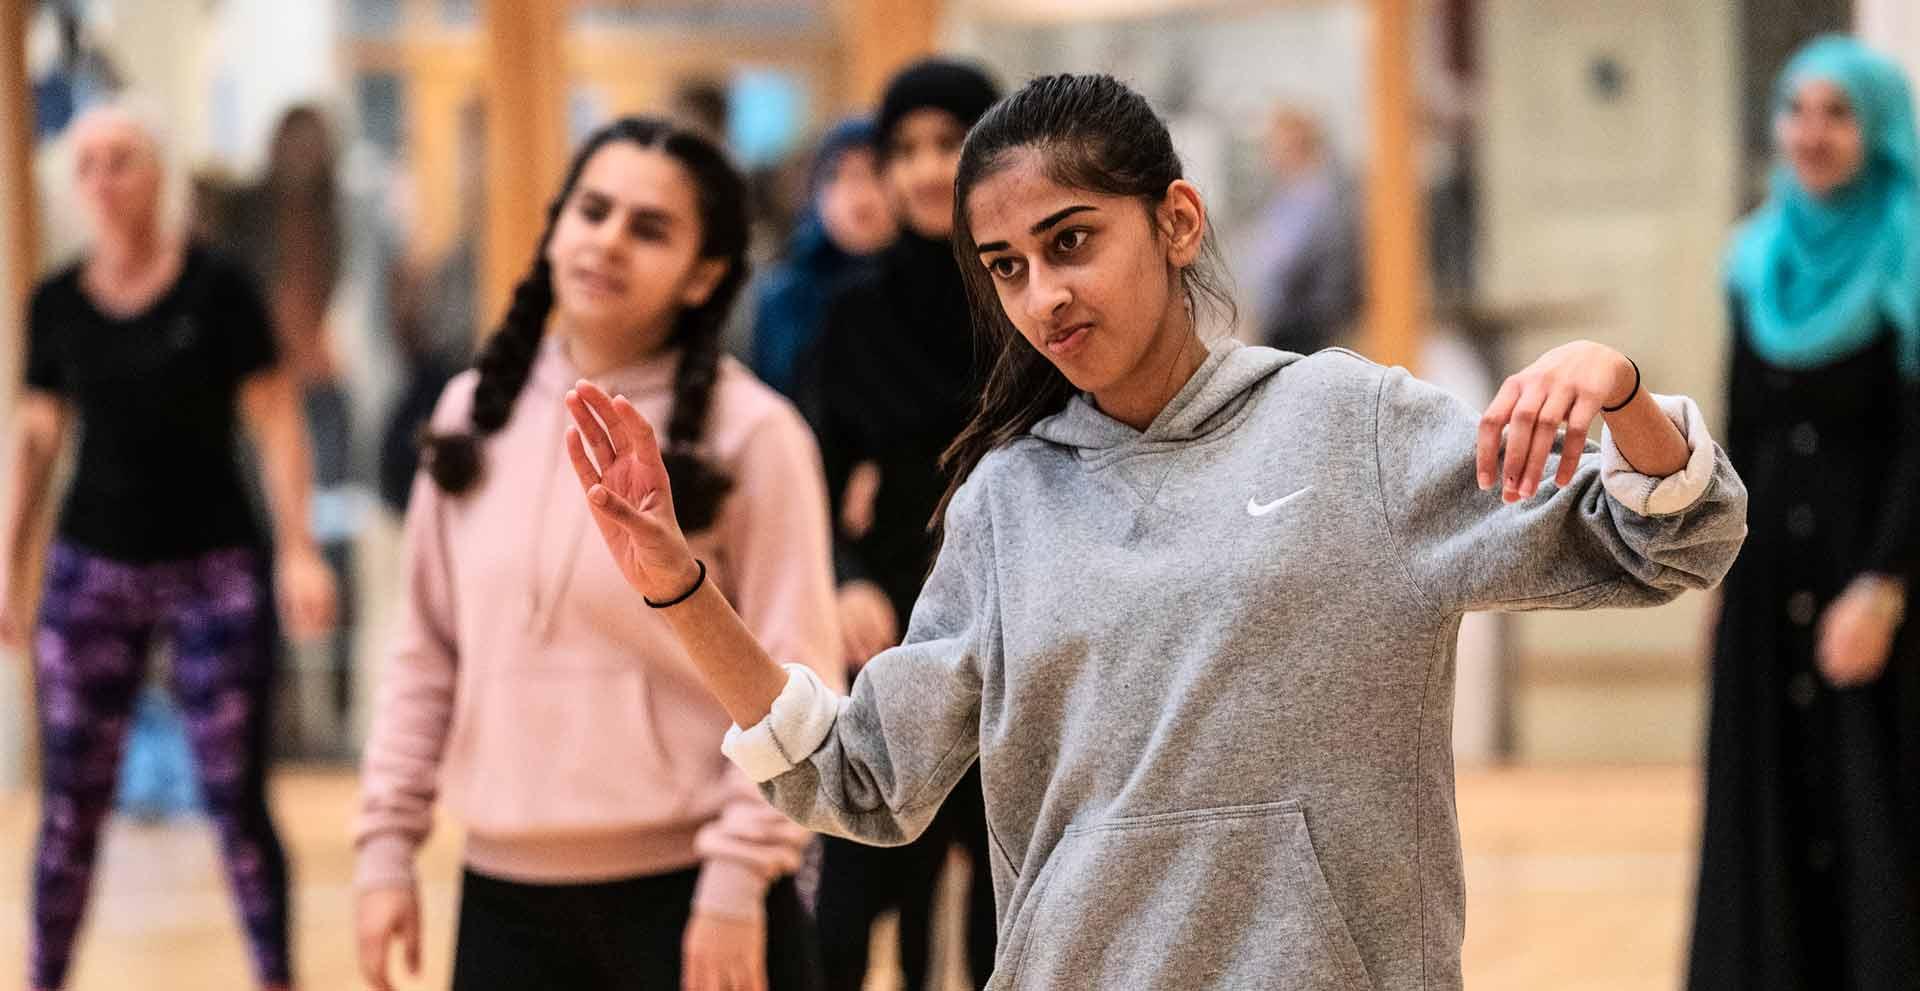 Udskolingseleverne fra alle skoler i Ishøj Kommune havde fælles Skolernes Motionsdag. Mere end 800 elever fik sig en på opleveren med en dag, hvor de prøvede kræfter med alt fra dans og friluftsliv til basket og volley.